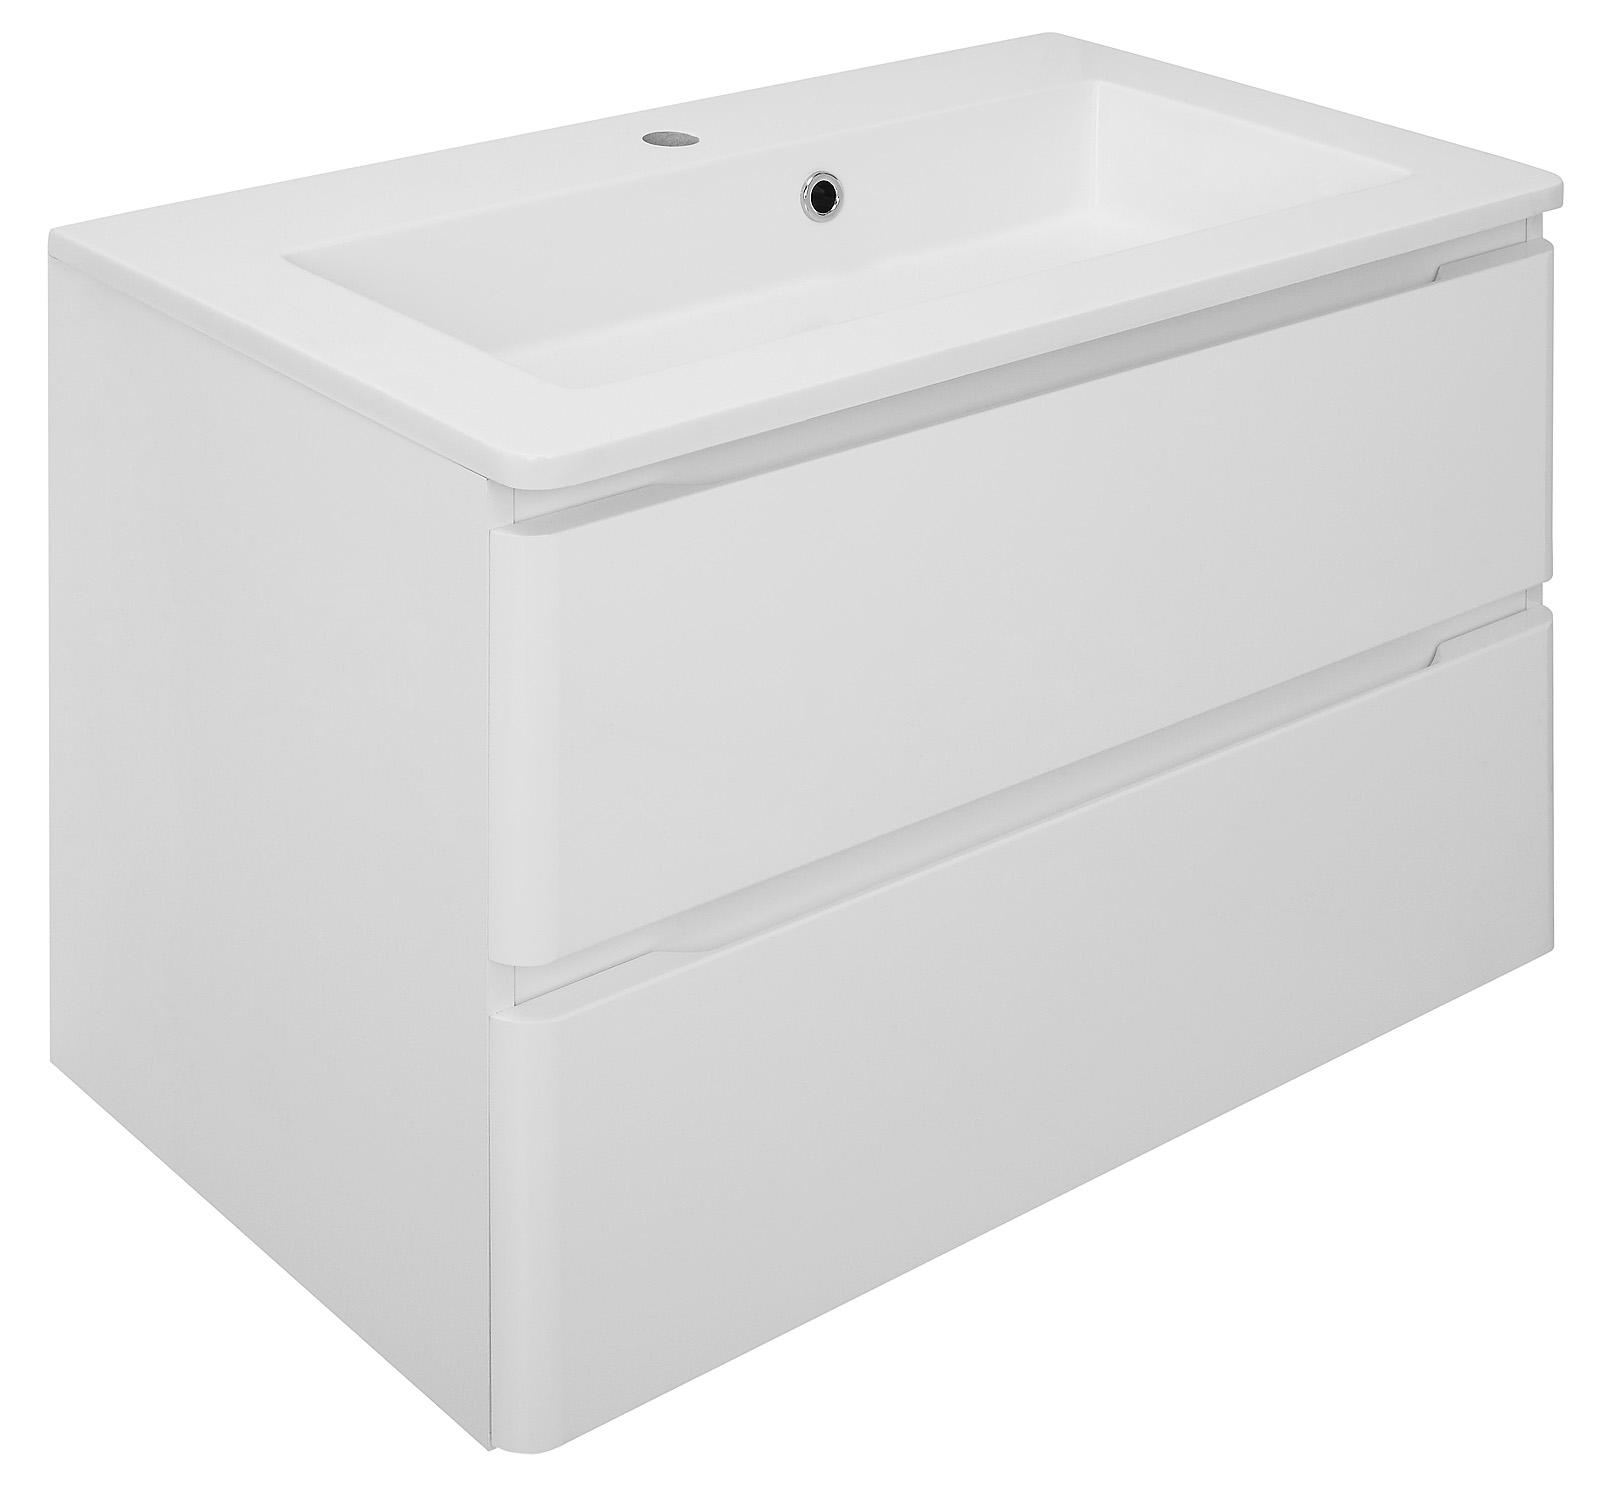 Waschbeckenunterschrank MAJA in weiß mit Waschbecken Unterschrank Bad  Badmöbel   dynamic-24.de